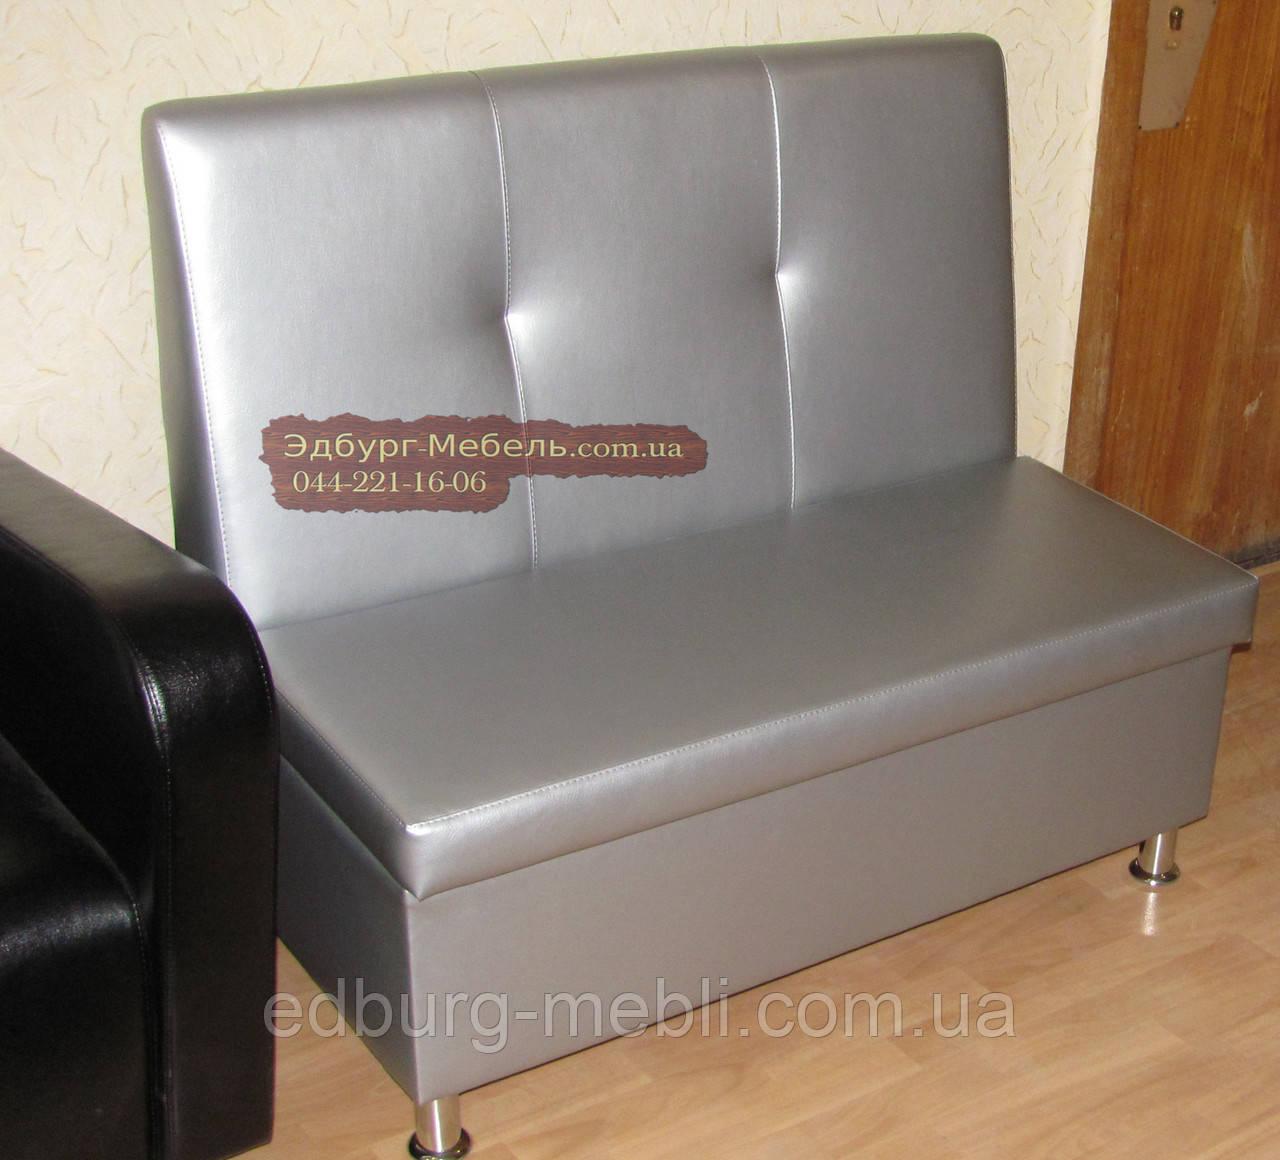 Диван для кухни, коридора, лоджии - Эдбург-мебель производcтво мягкой мебели  в Киеве